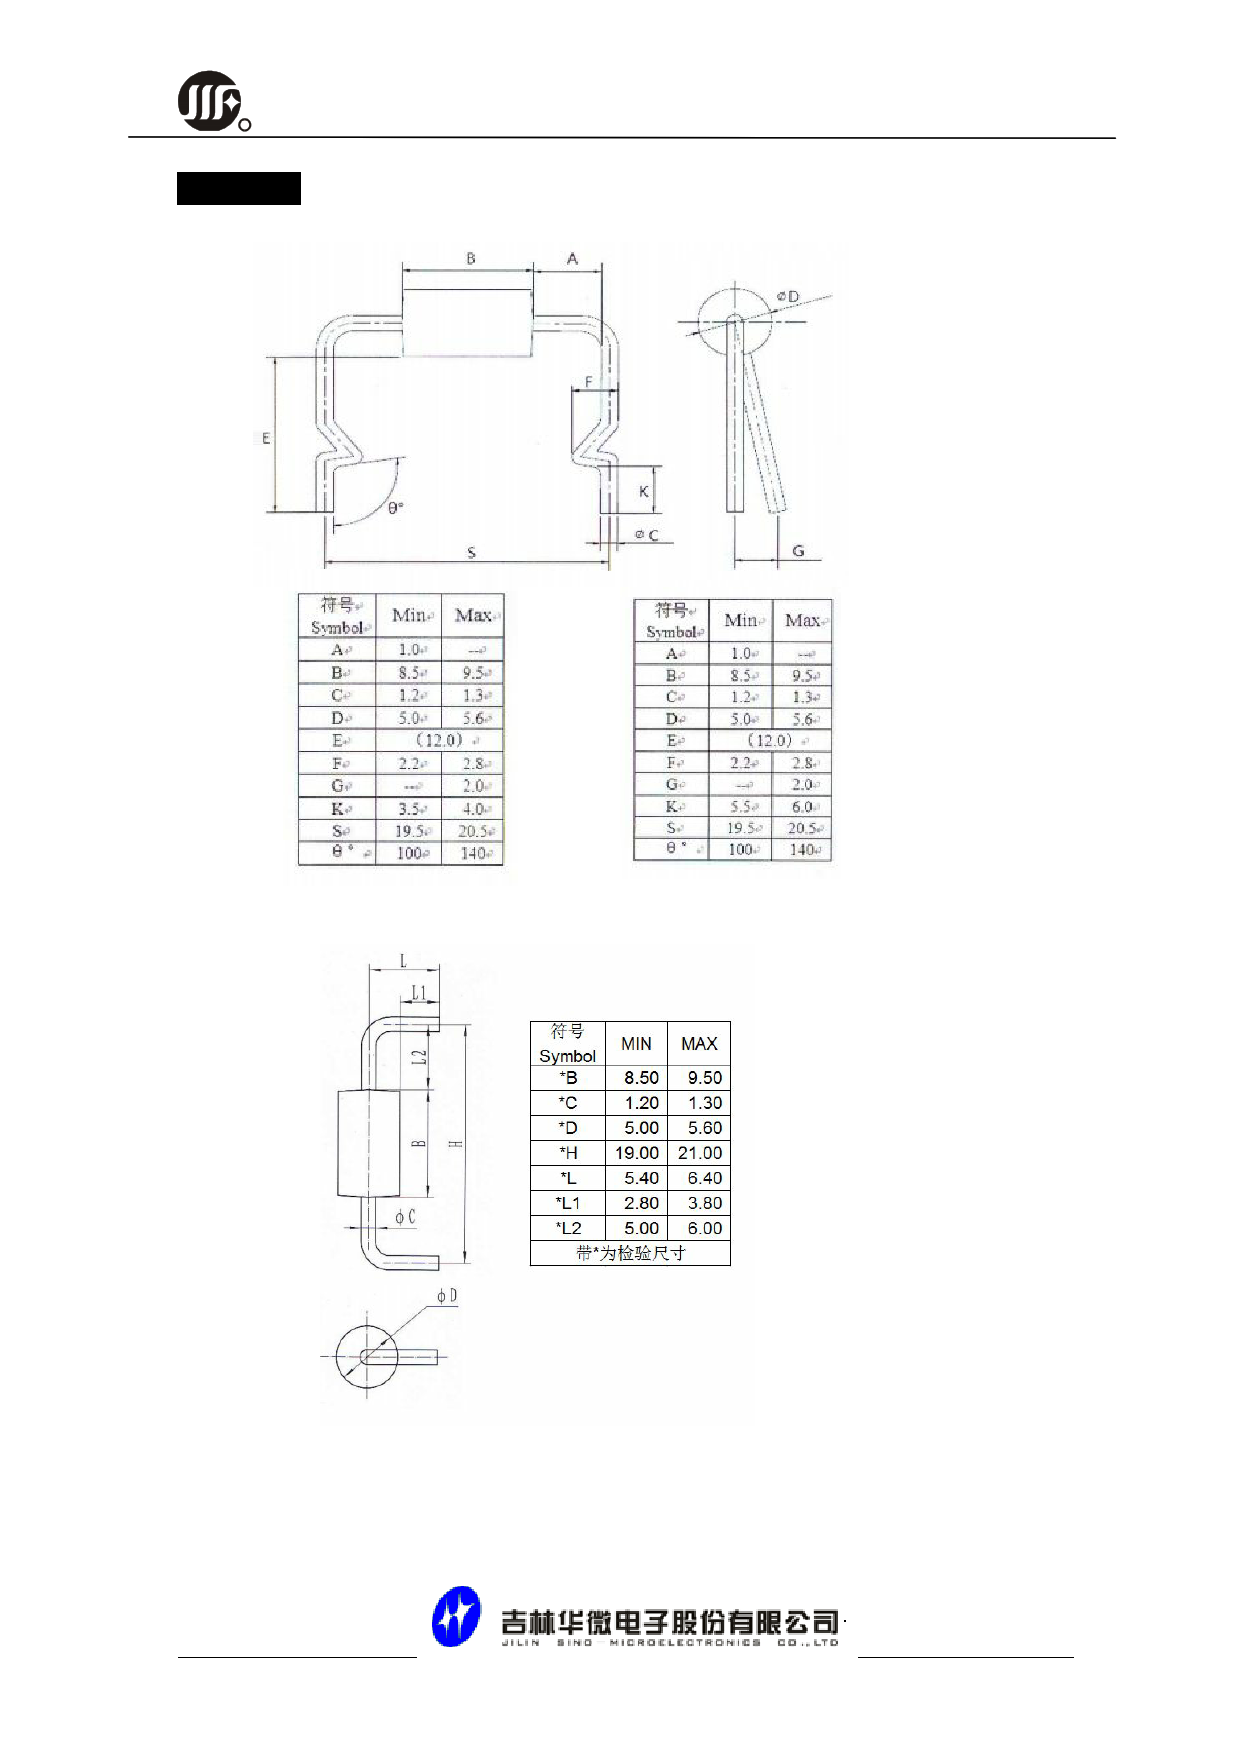 hbr5150 datasheet pdf   pinout